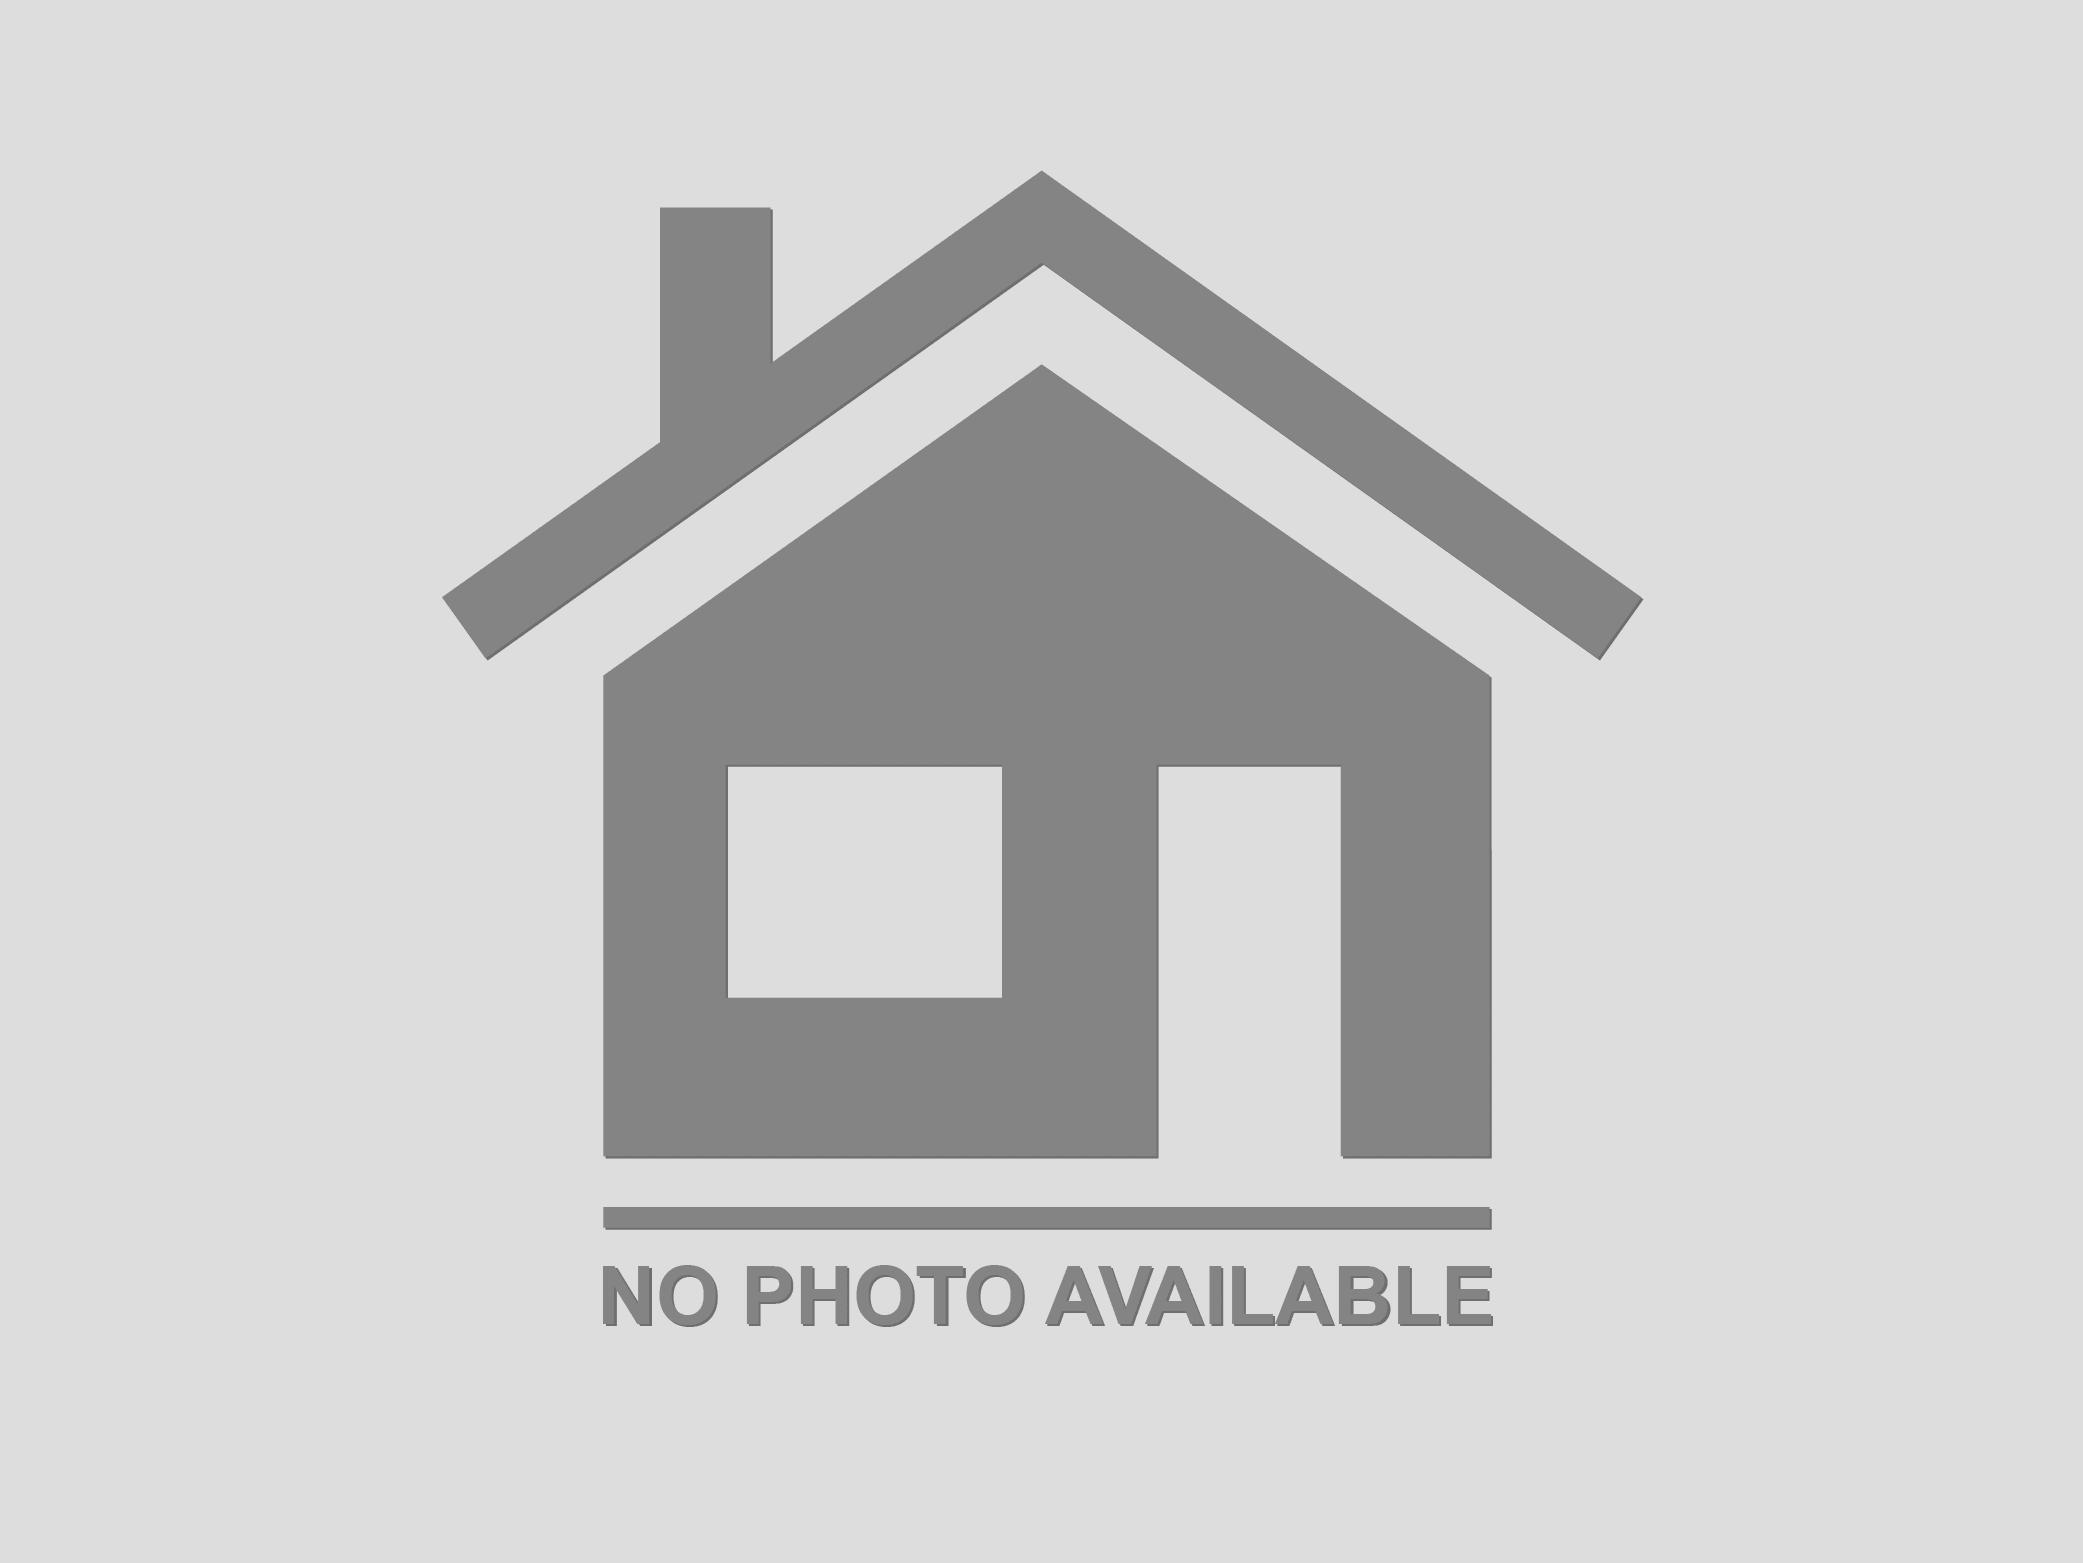 55915 County Rd 48 Greenport, NY 11944